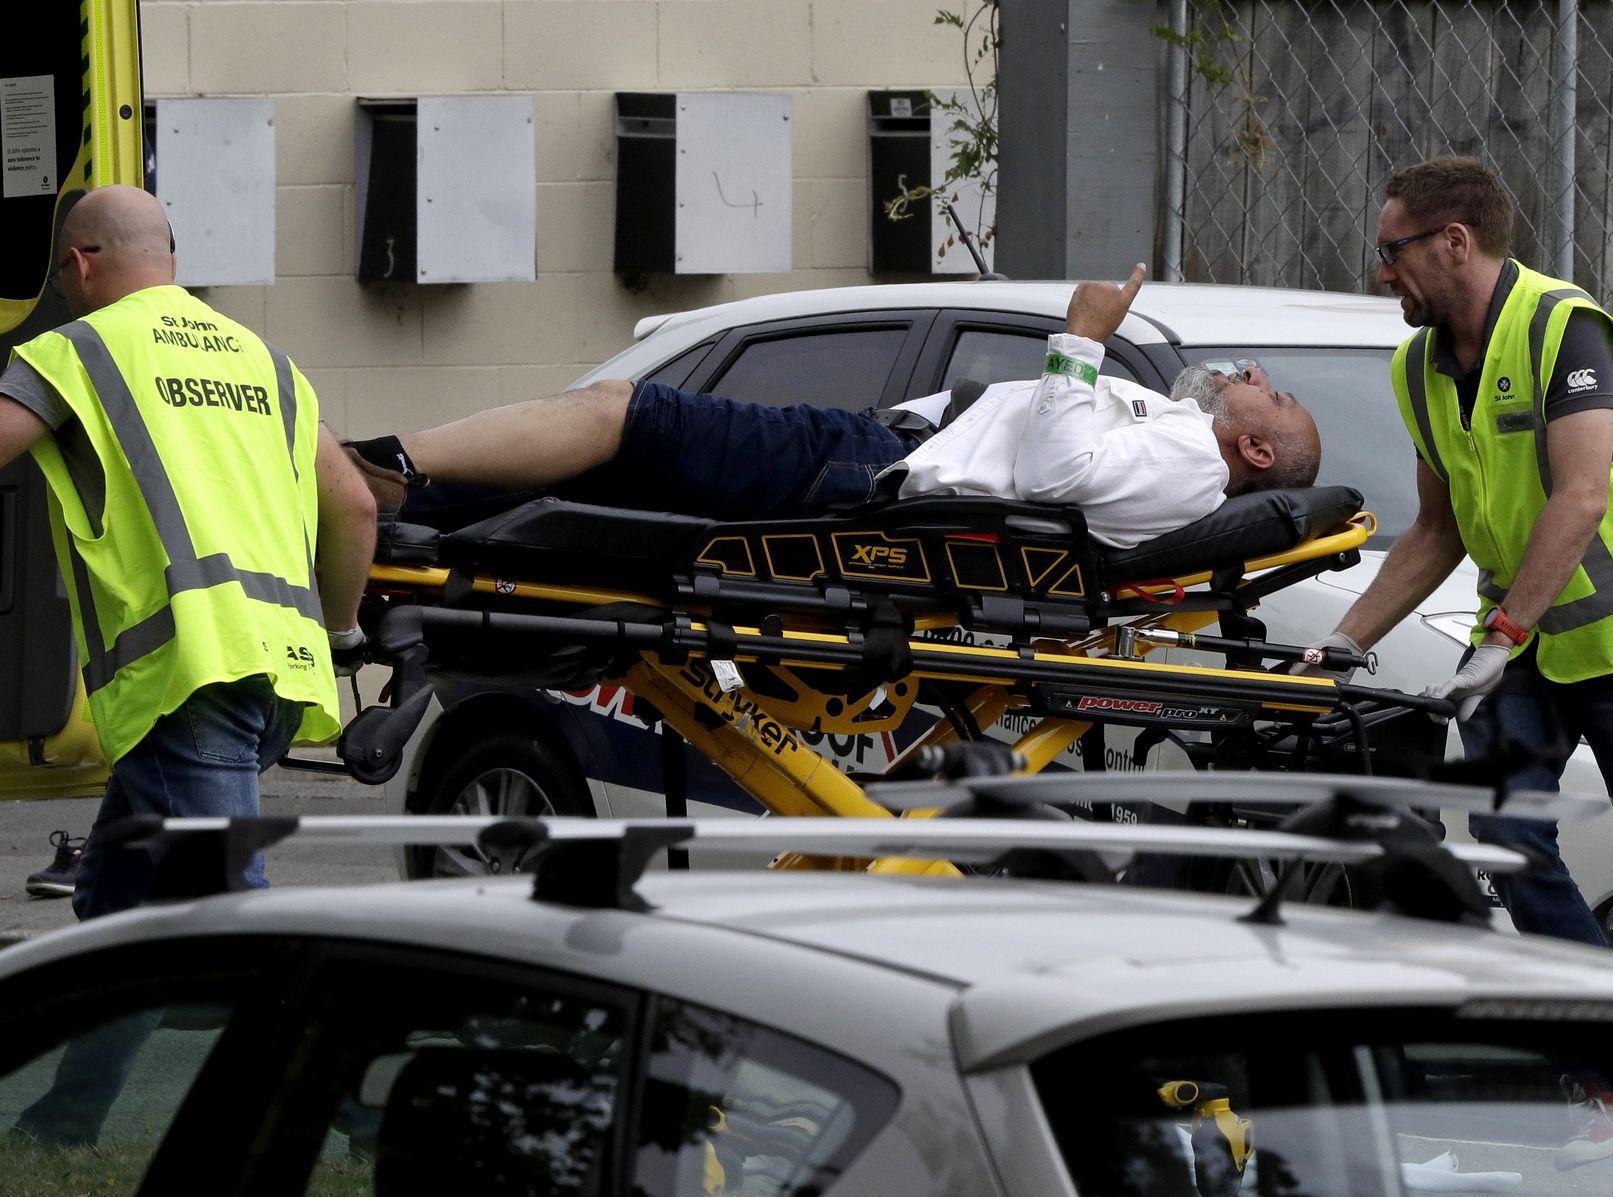 基督城發生連環槍擊案,造成最少49人死亡。AP